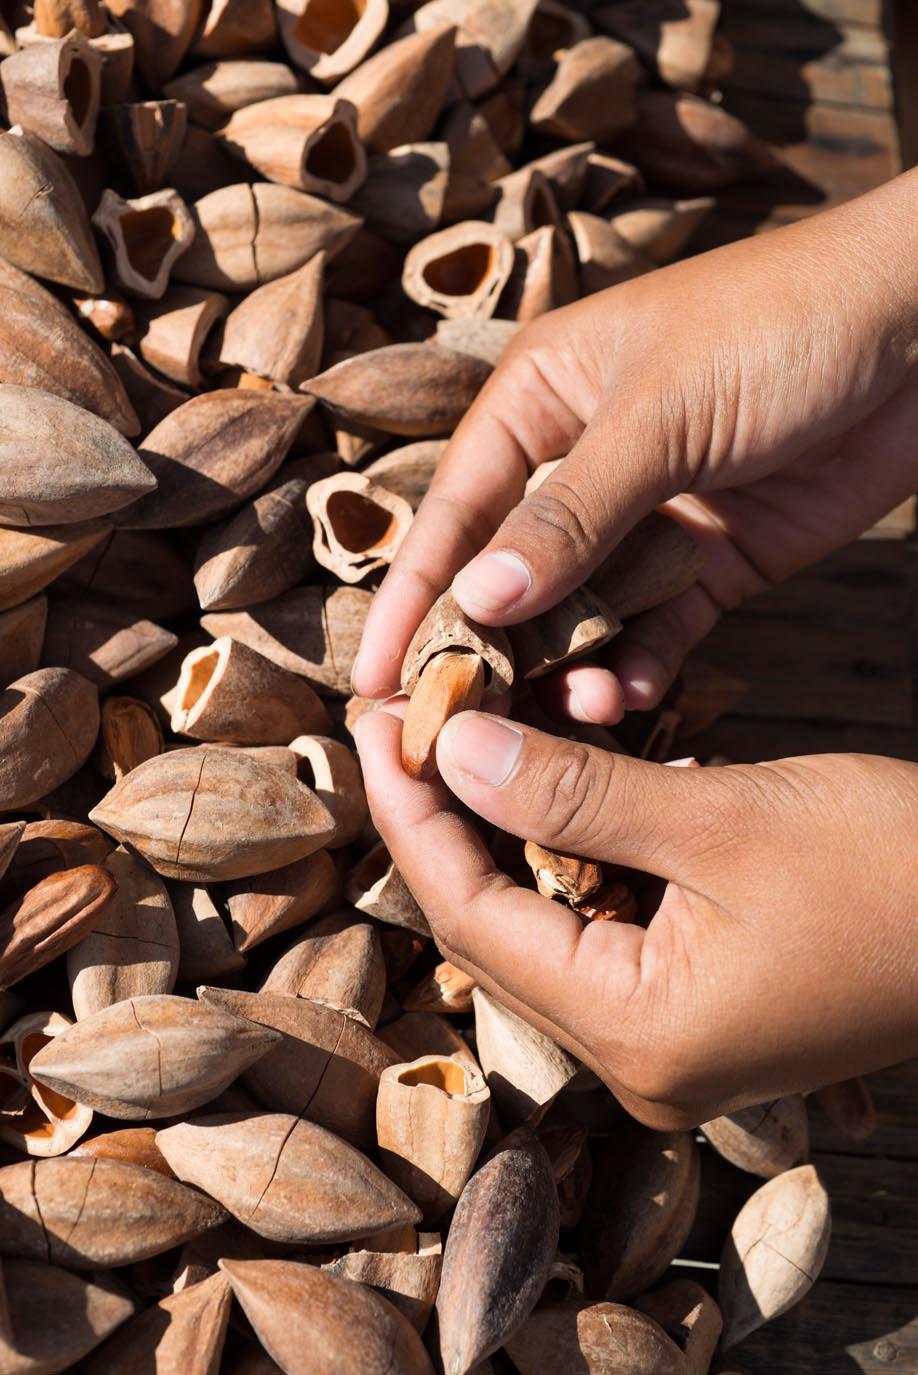 cracked+nuts.jpg